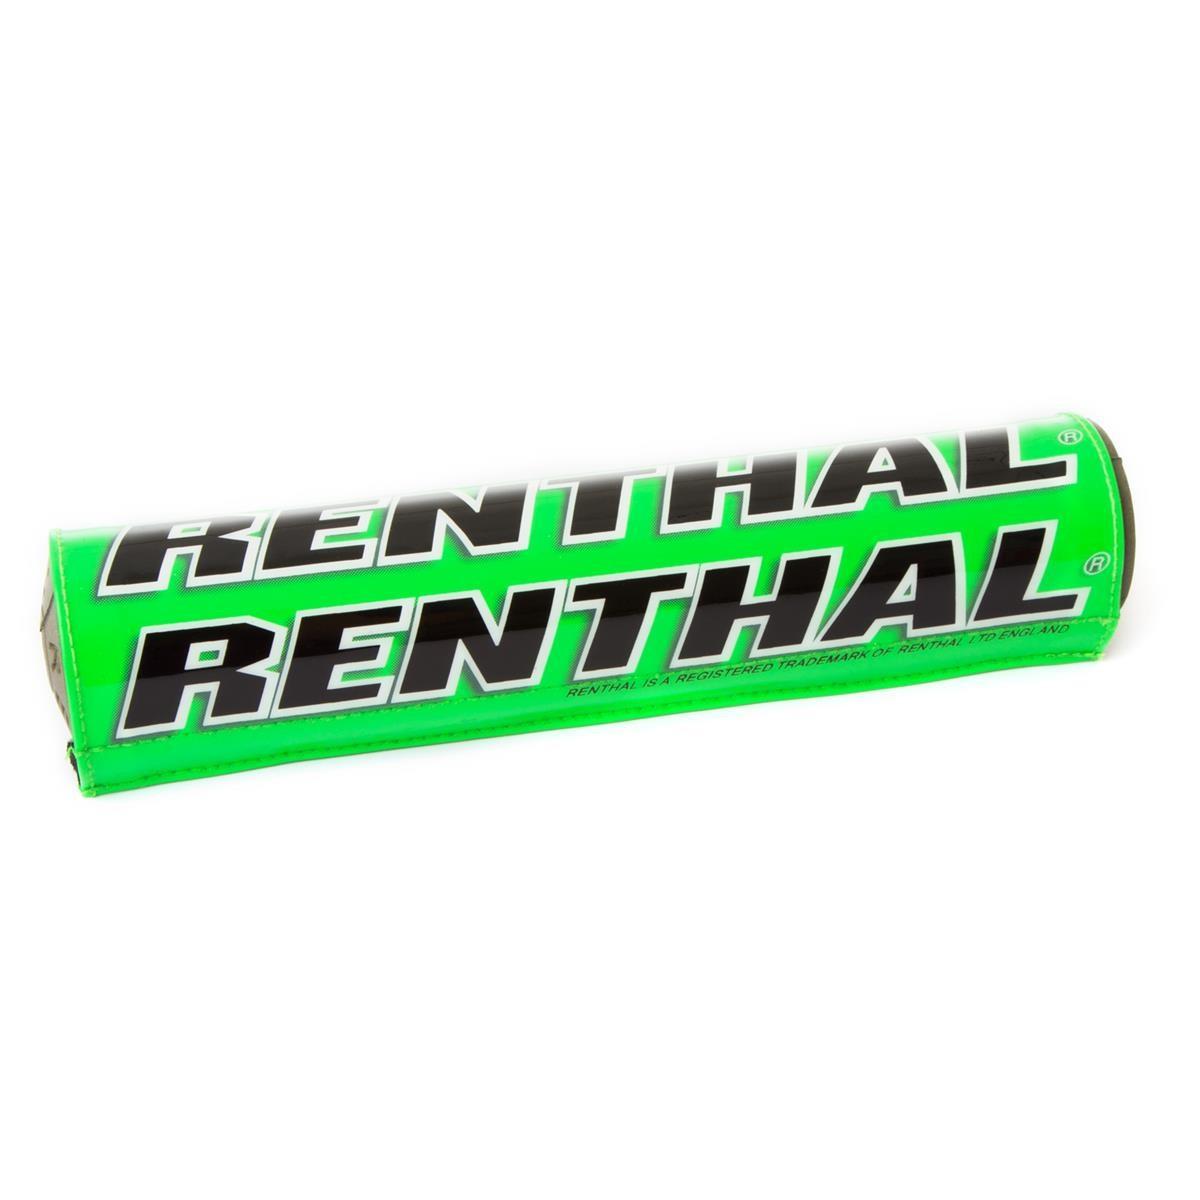 Renthal Lenkerpolster Supercross Gr/ün